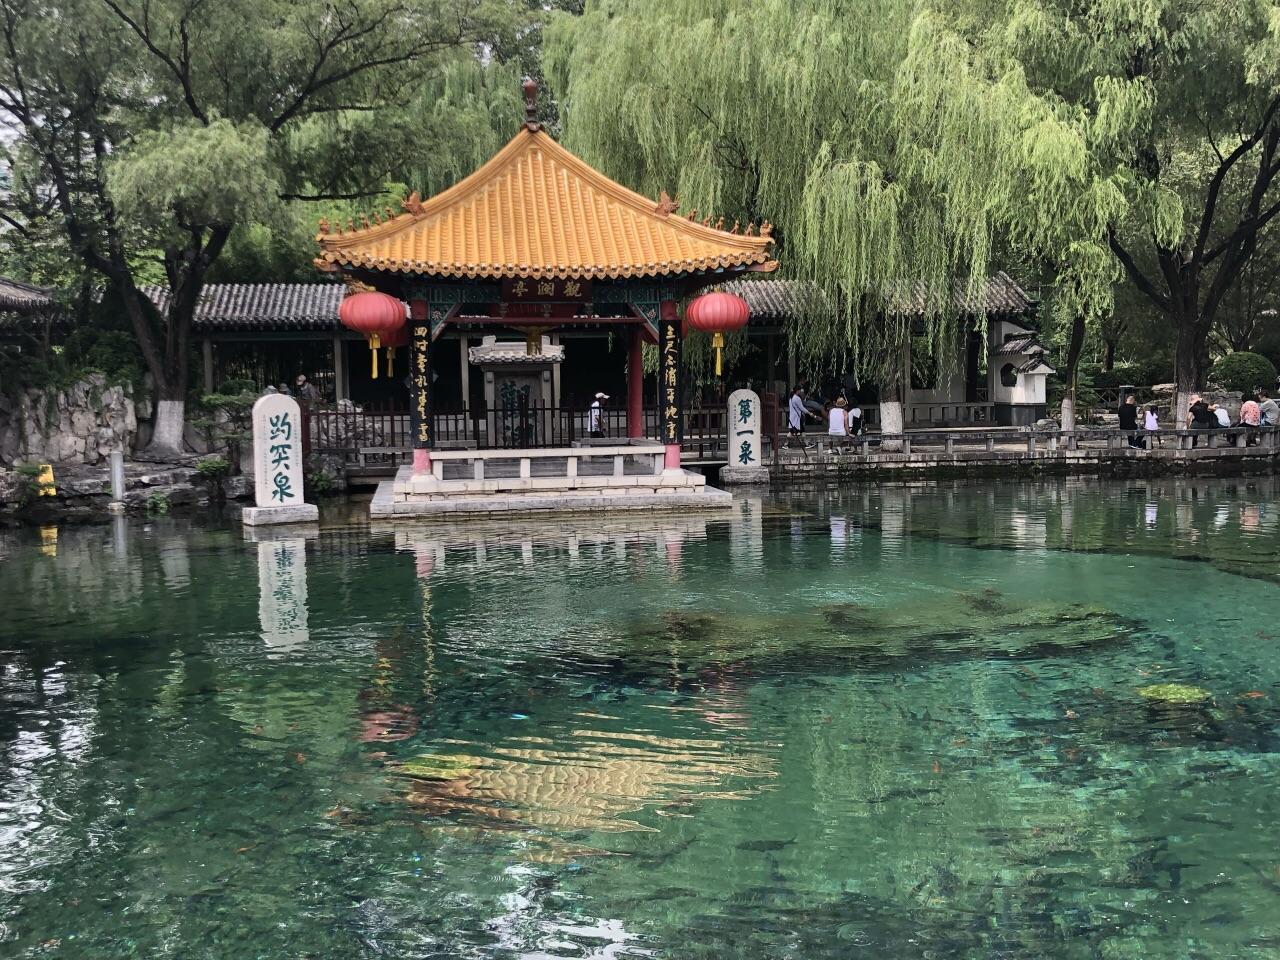 位居济南七十二名泉之首,被誉为天下第一泉,也是最早见于古代文献的济南名泉。位于济南市中心区,趵突泉南路和泺源大街中段,南靠千佛山,东临泉城广场,北望大明湖。趵突泉是泉城济南的象征与标志,与济南千佛山、大明湖并称为济南三大名胜。趵突泉公园始建于1956年,其名胜古迹,文化内涵极为丰富,是具有南北方园林艺术特点的最有代表性的山水园林之一趵突泉水分三股,昼夜喷涌,水盛时高达数尺。所谓趵突,即跳跃奔突之意,反映了趵突泉三窟迸发,喷涌不息的特点。趵突不仅字面古雅,而且音义兼顾。不仅以趵突形容泉水跳跃